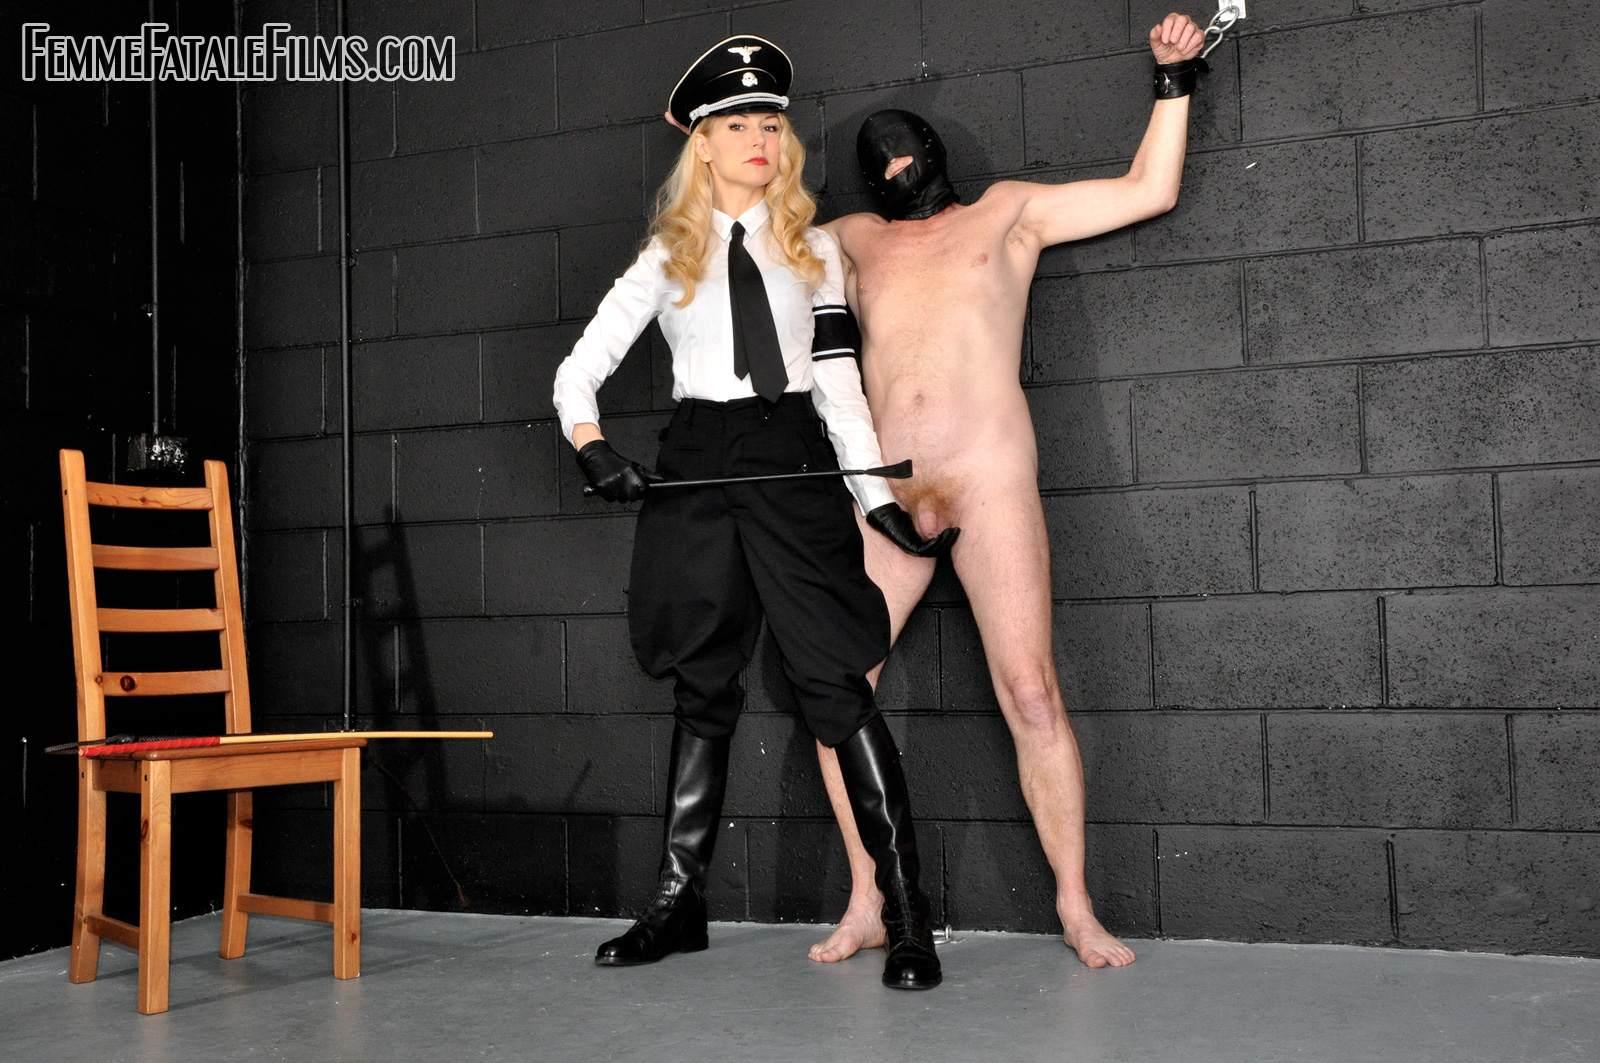 лесбиянки госпожа наказывает свою рабыню в старые времена